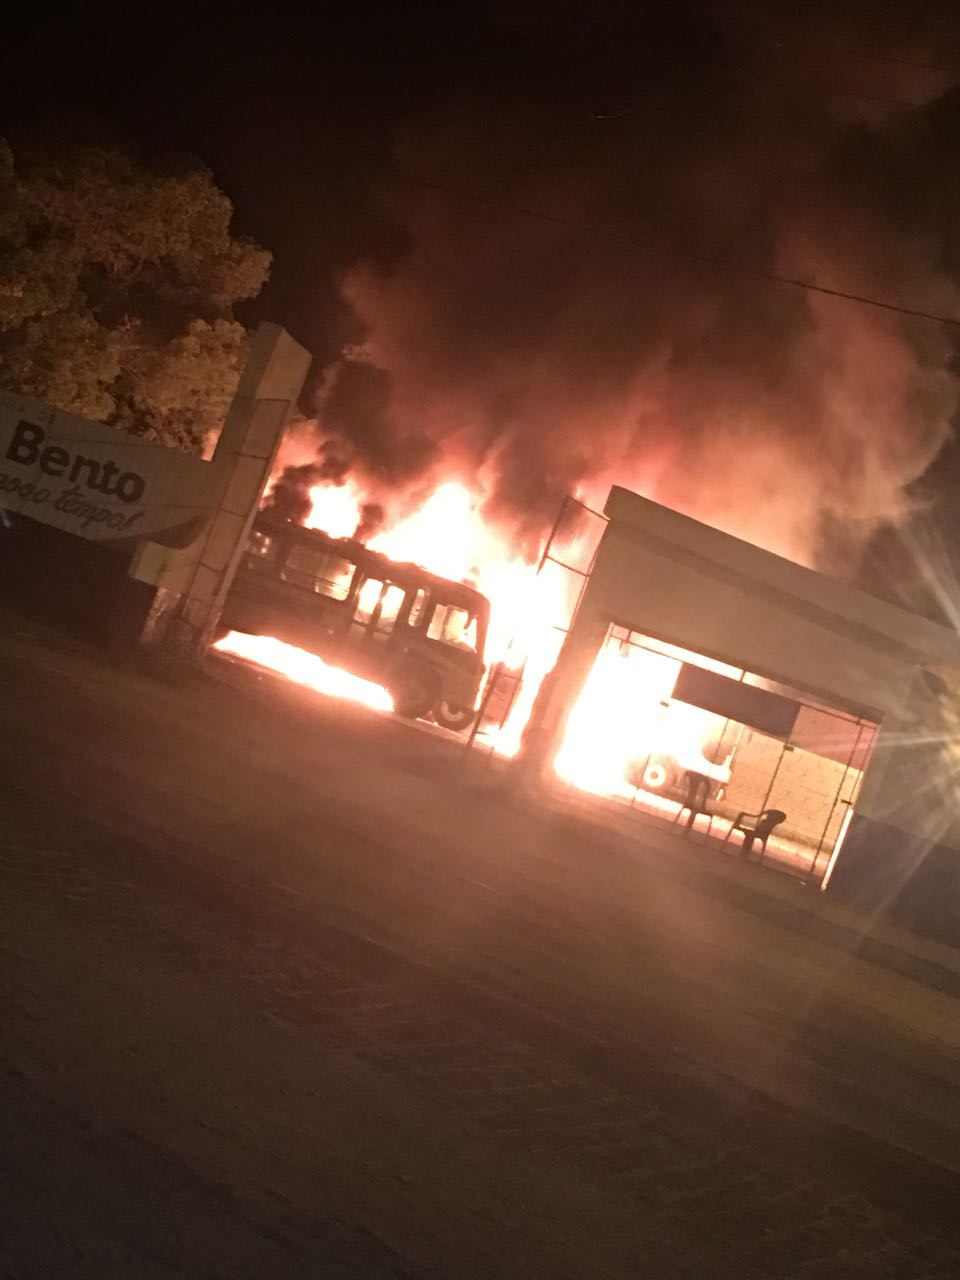 d8cea245 31b4 48cb 9562 6aeb806ddfdd - VEJA VÍDEO: Incêndio destrói cinco ônibus da prefeitura de São Bento e a suspeita é que tenha sido criminoso